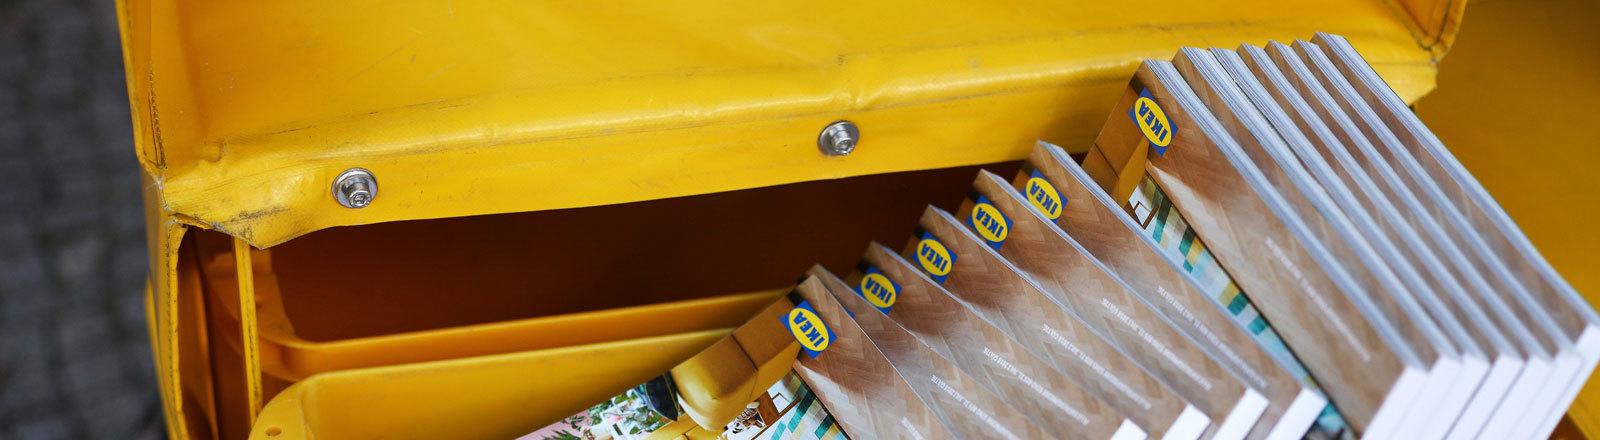 Ikea-Kataloge in Postkiste